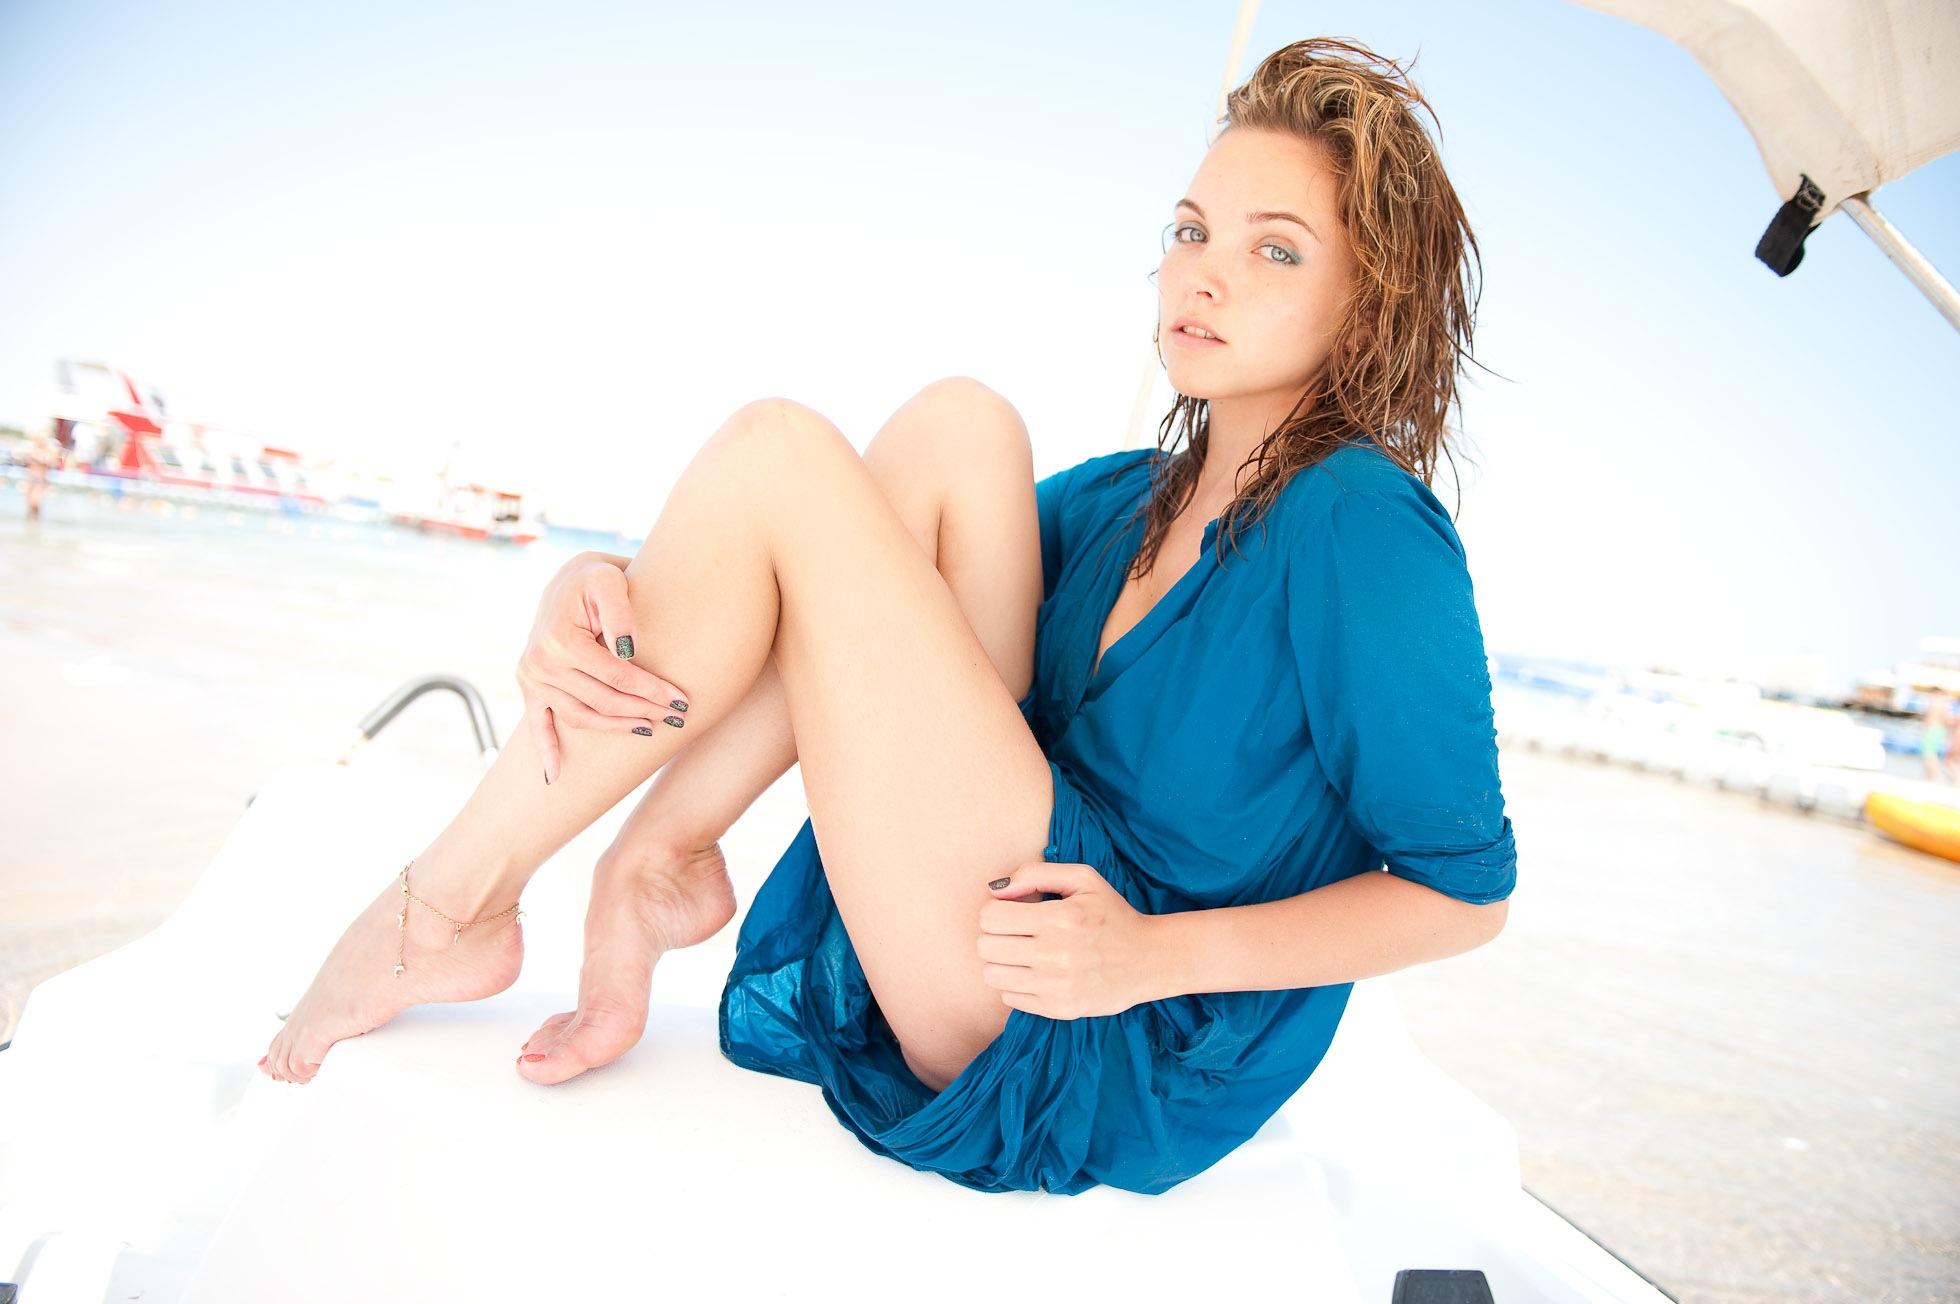 Наталья Земцова (Natalya Zemtcova) полностью обнажённое фото.